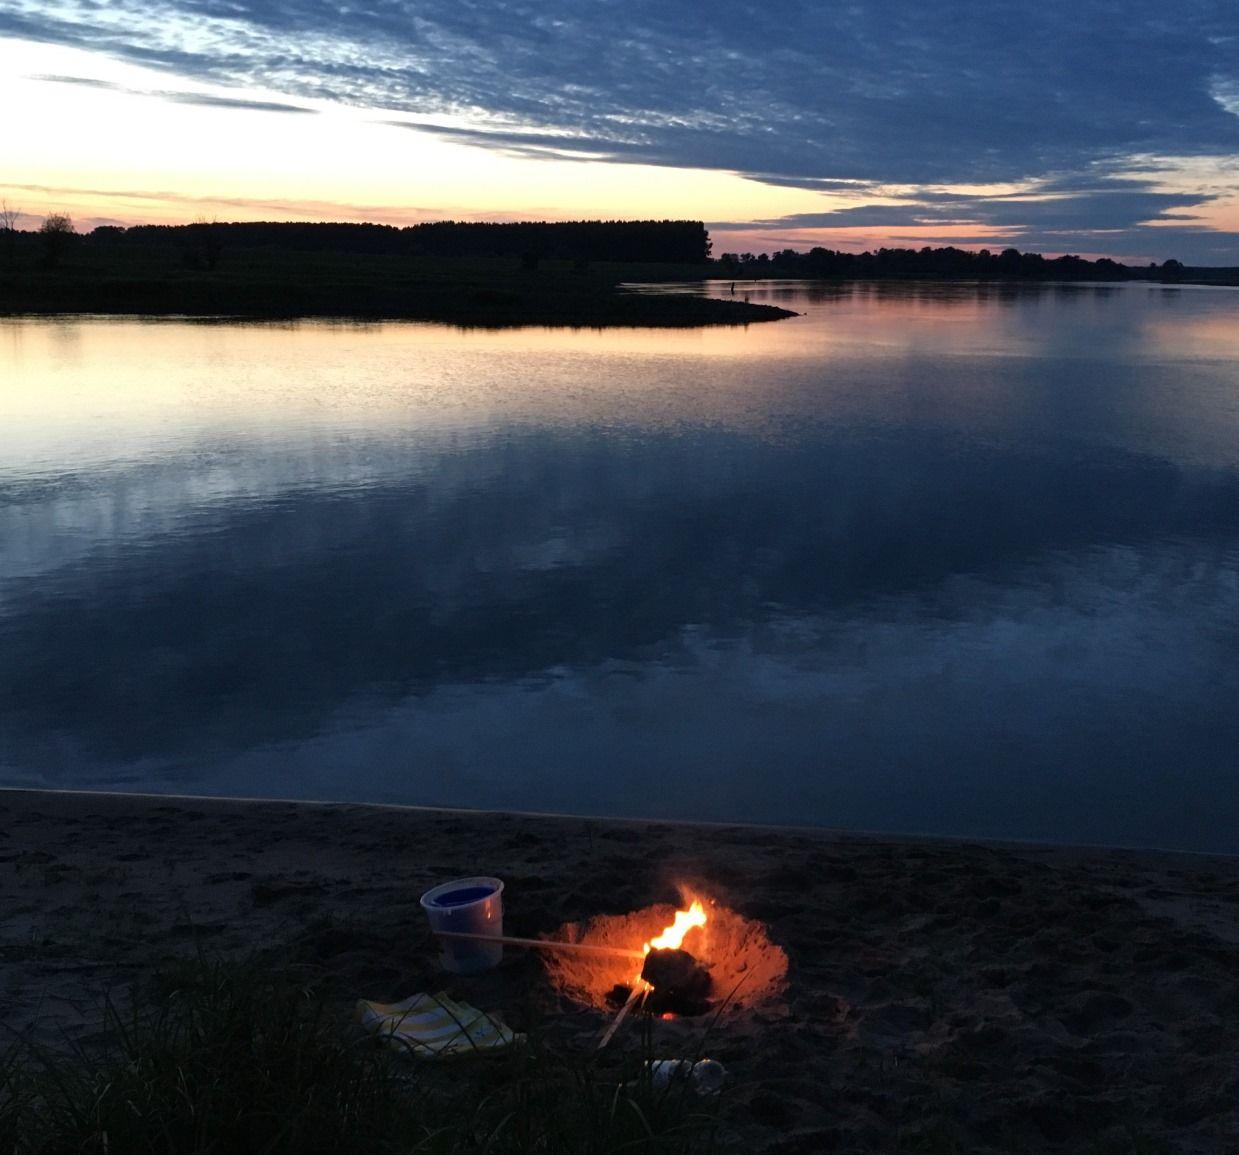 Lagerfeuer am Elbstrand mit der Elbe in der Dämmerung im Hintergrund, in der Nähe des Flusshofs.